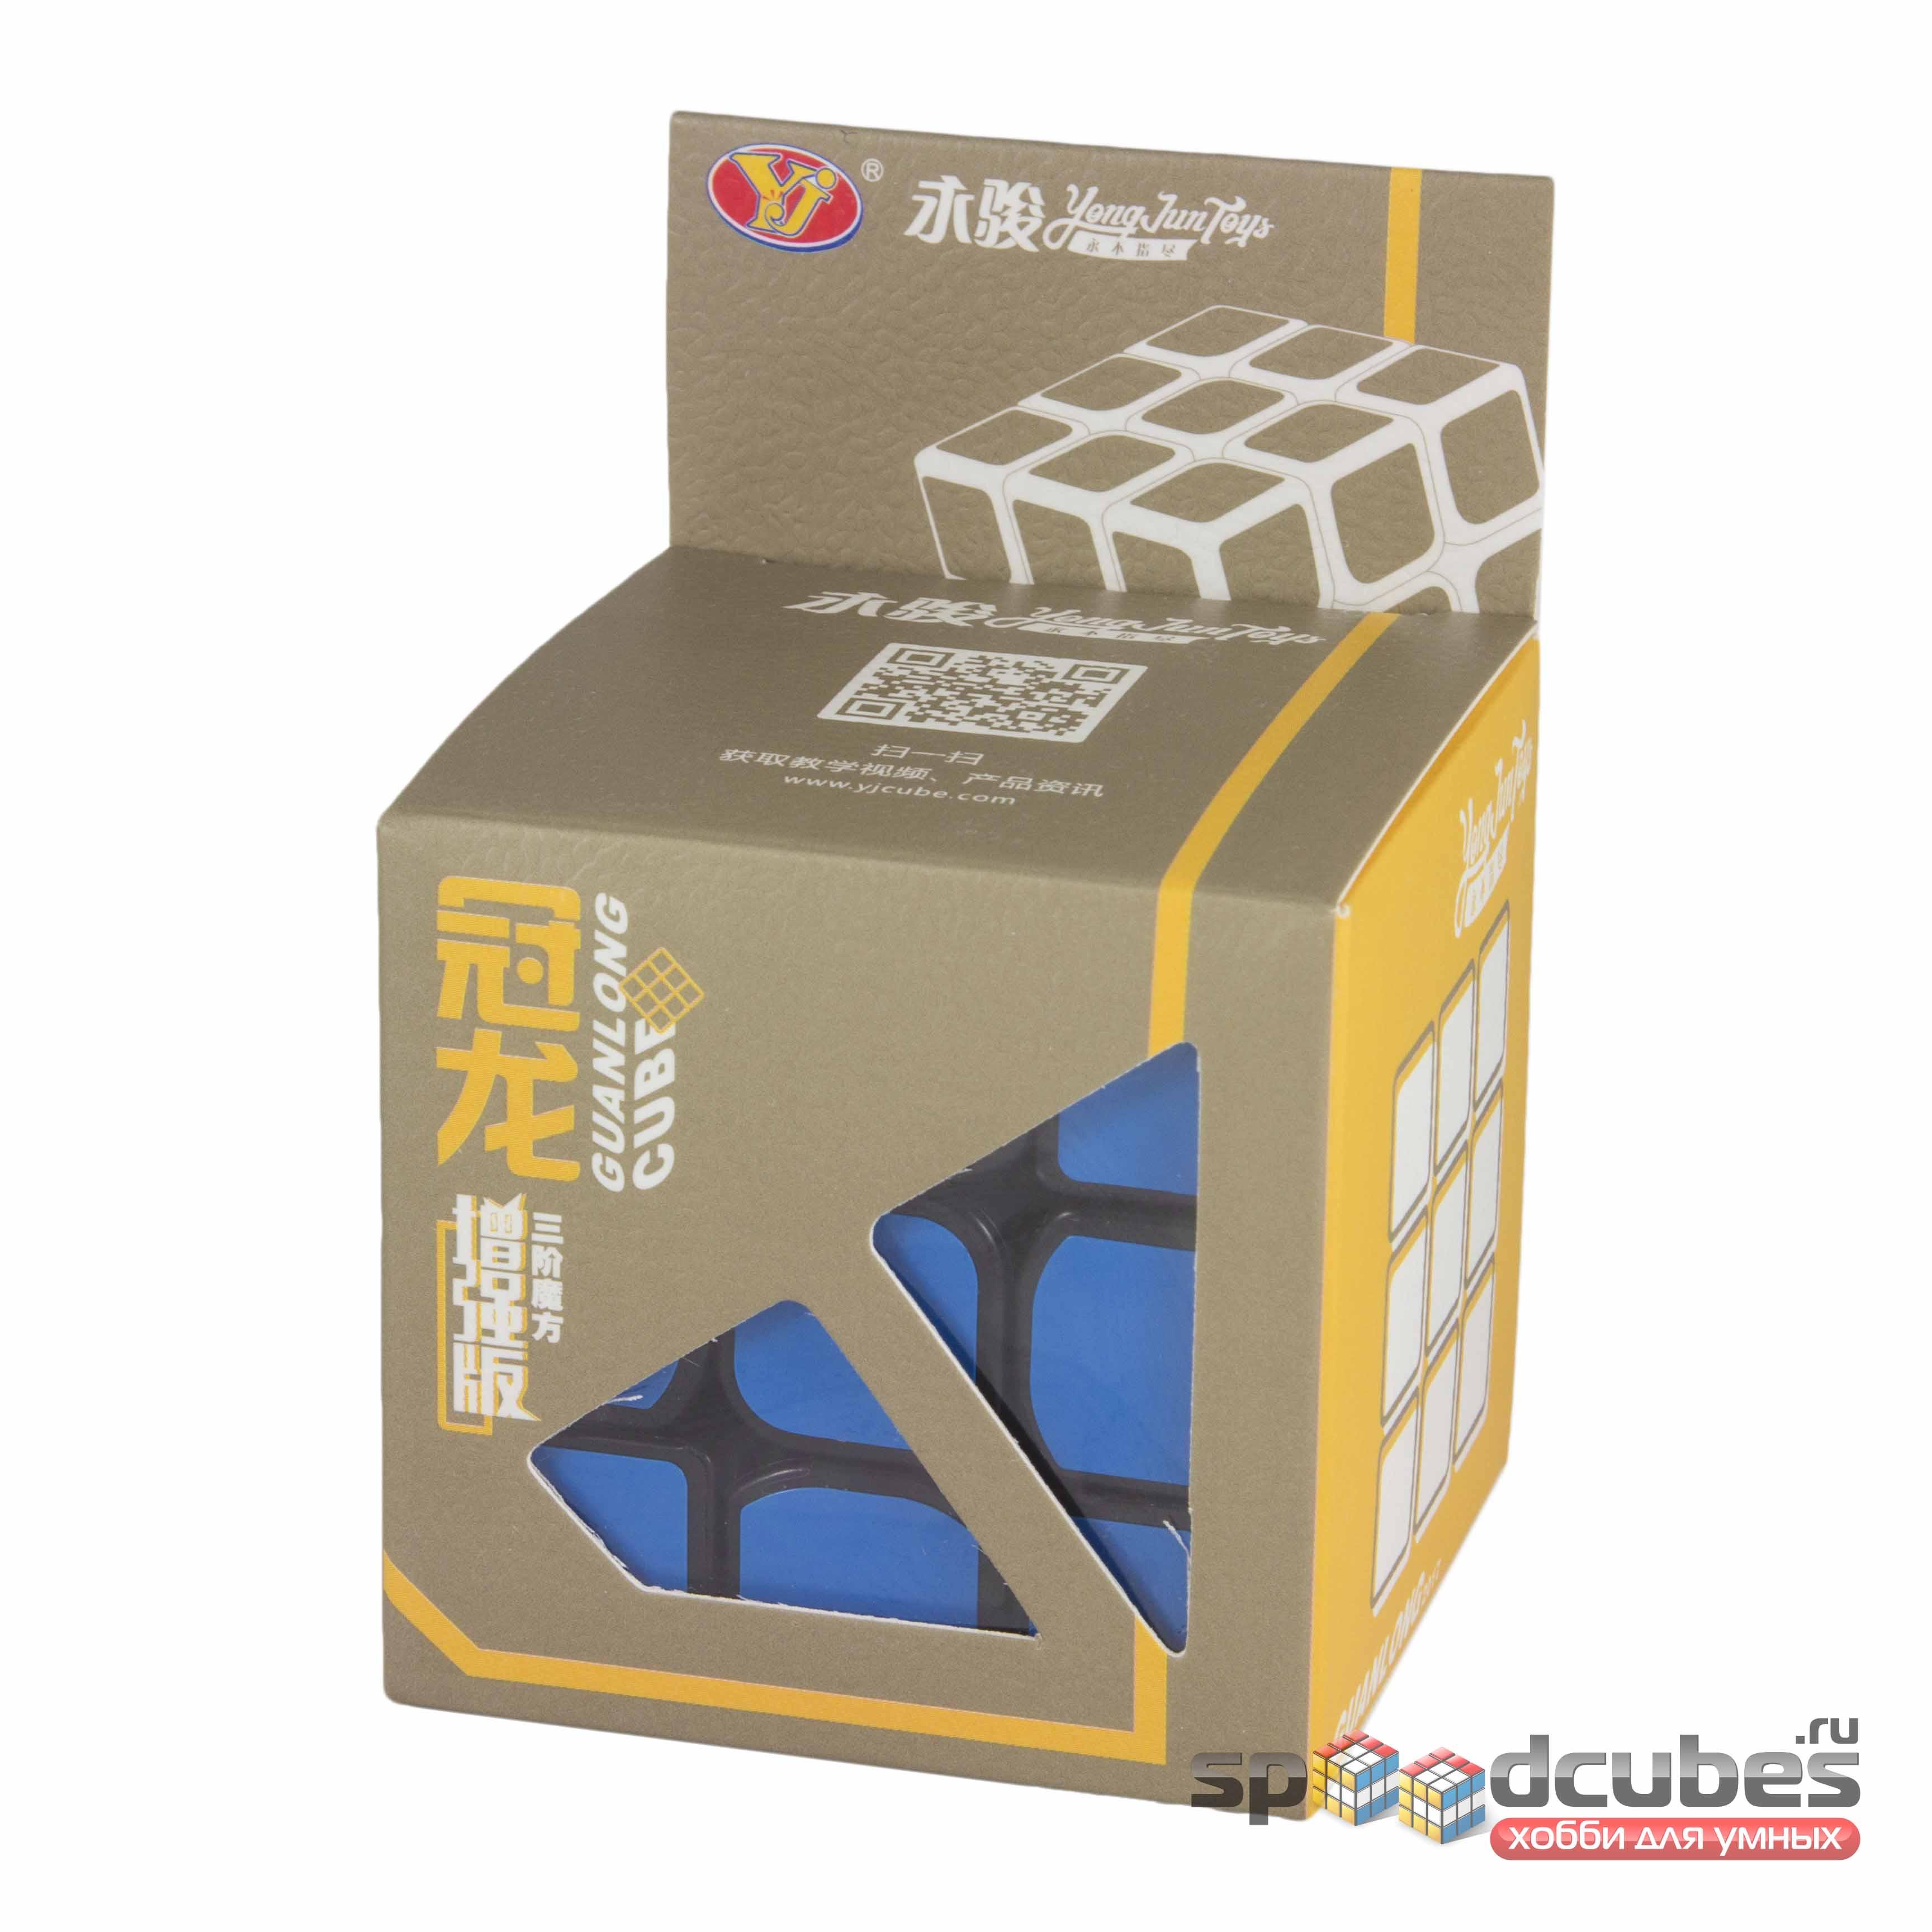 Moyu (yj) 3x3x3 Guanlong Plus Black 1